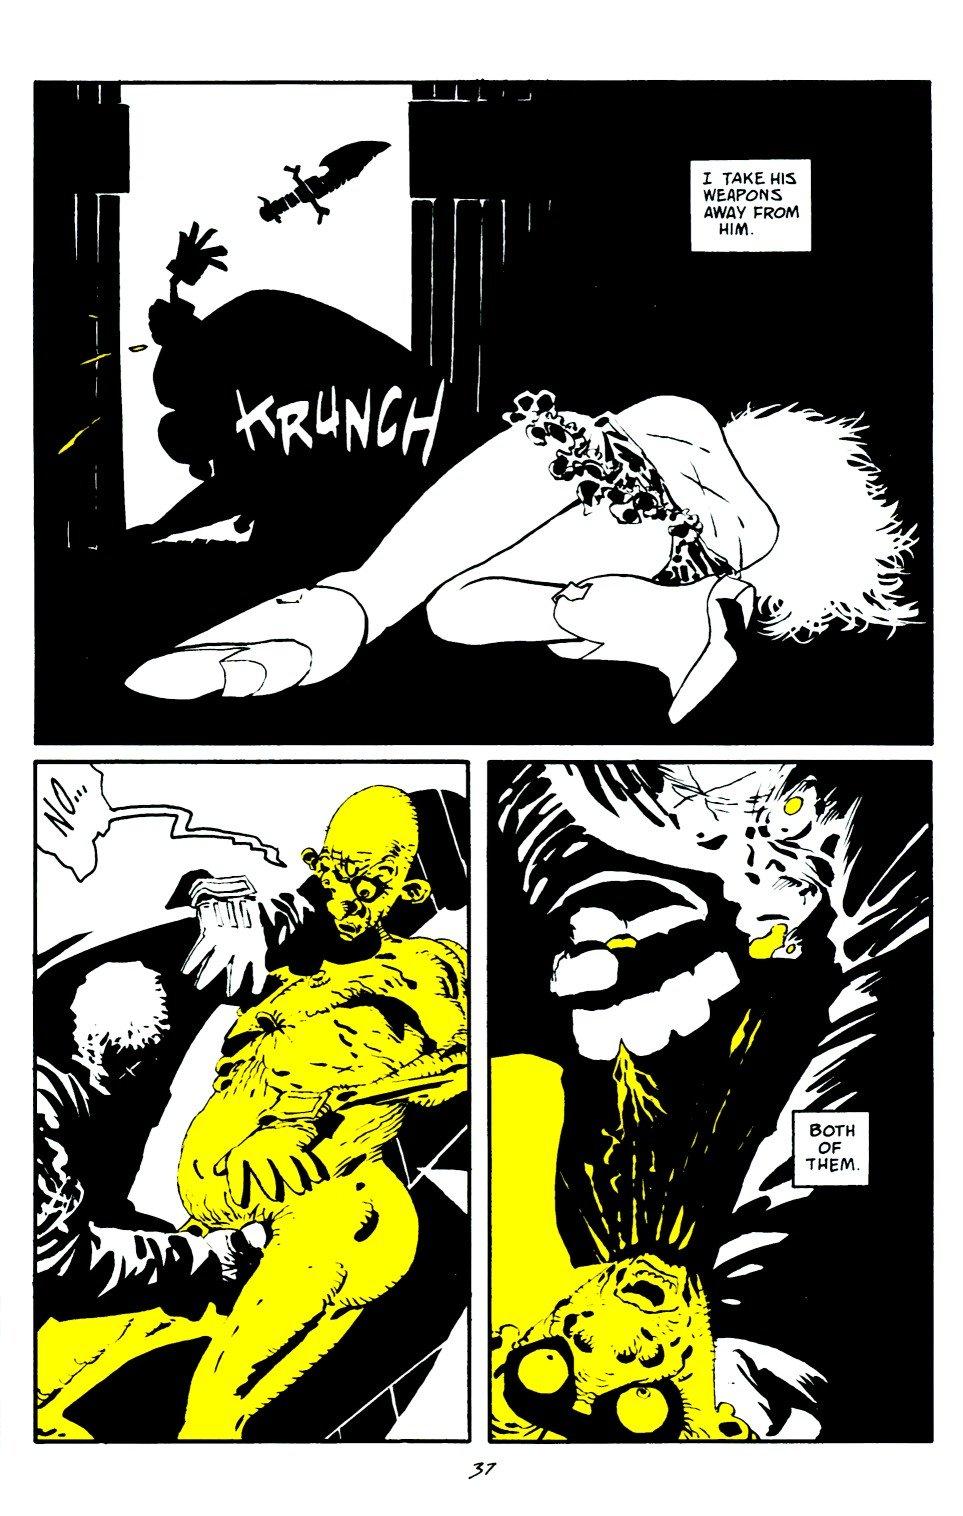 город грехов гид по вселенной отвратительные мужики желтый ублюдок yellow bastard sin city disgusting men алексей соколов